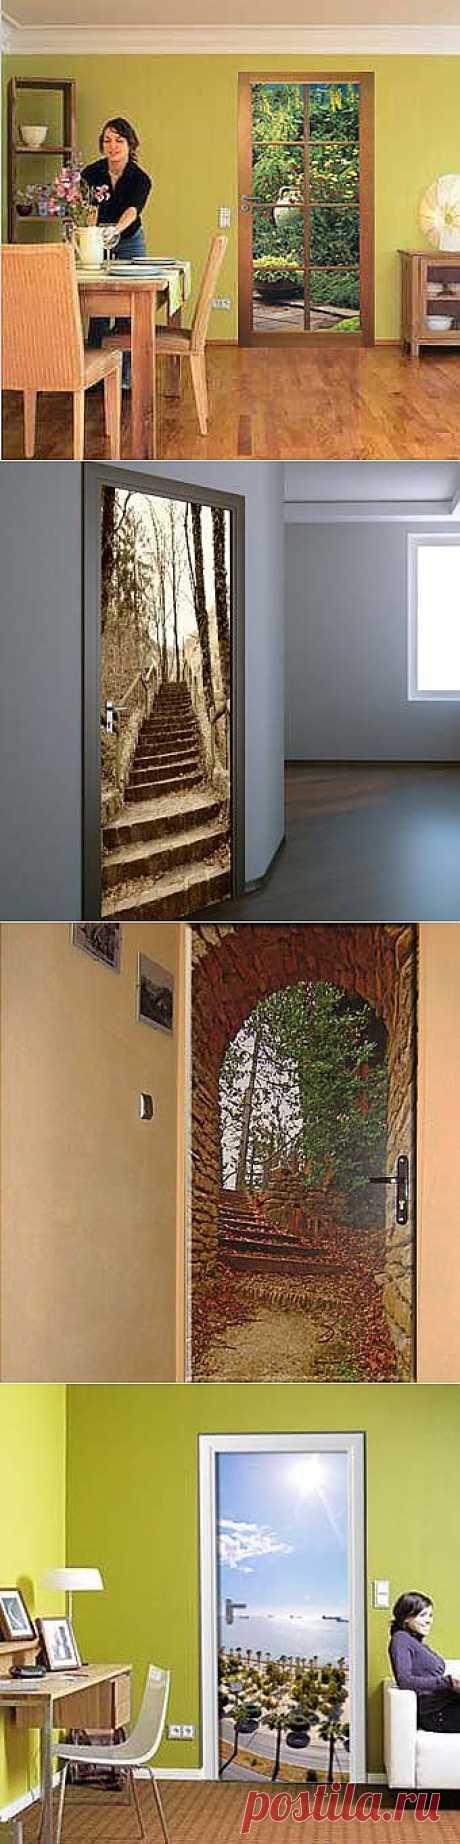 Наклейки на двери: современный дизайн вашей комнаты - Учимся Делать Все Сами